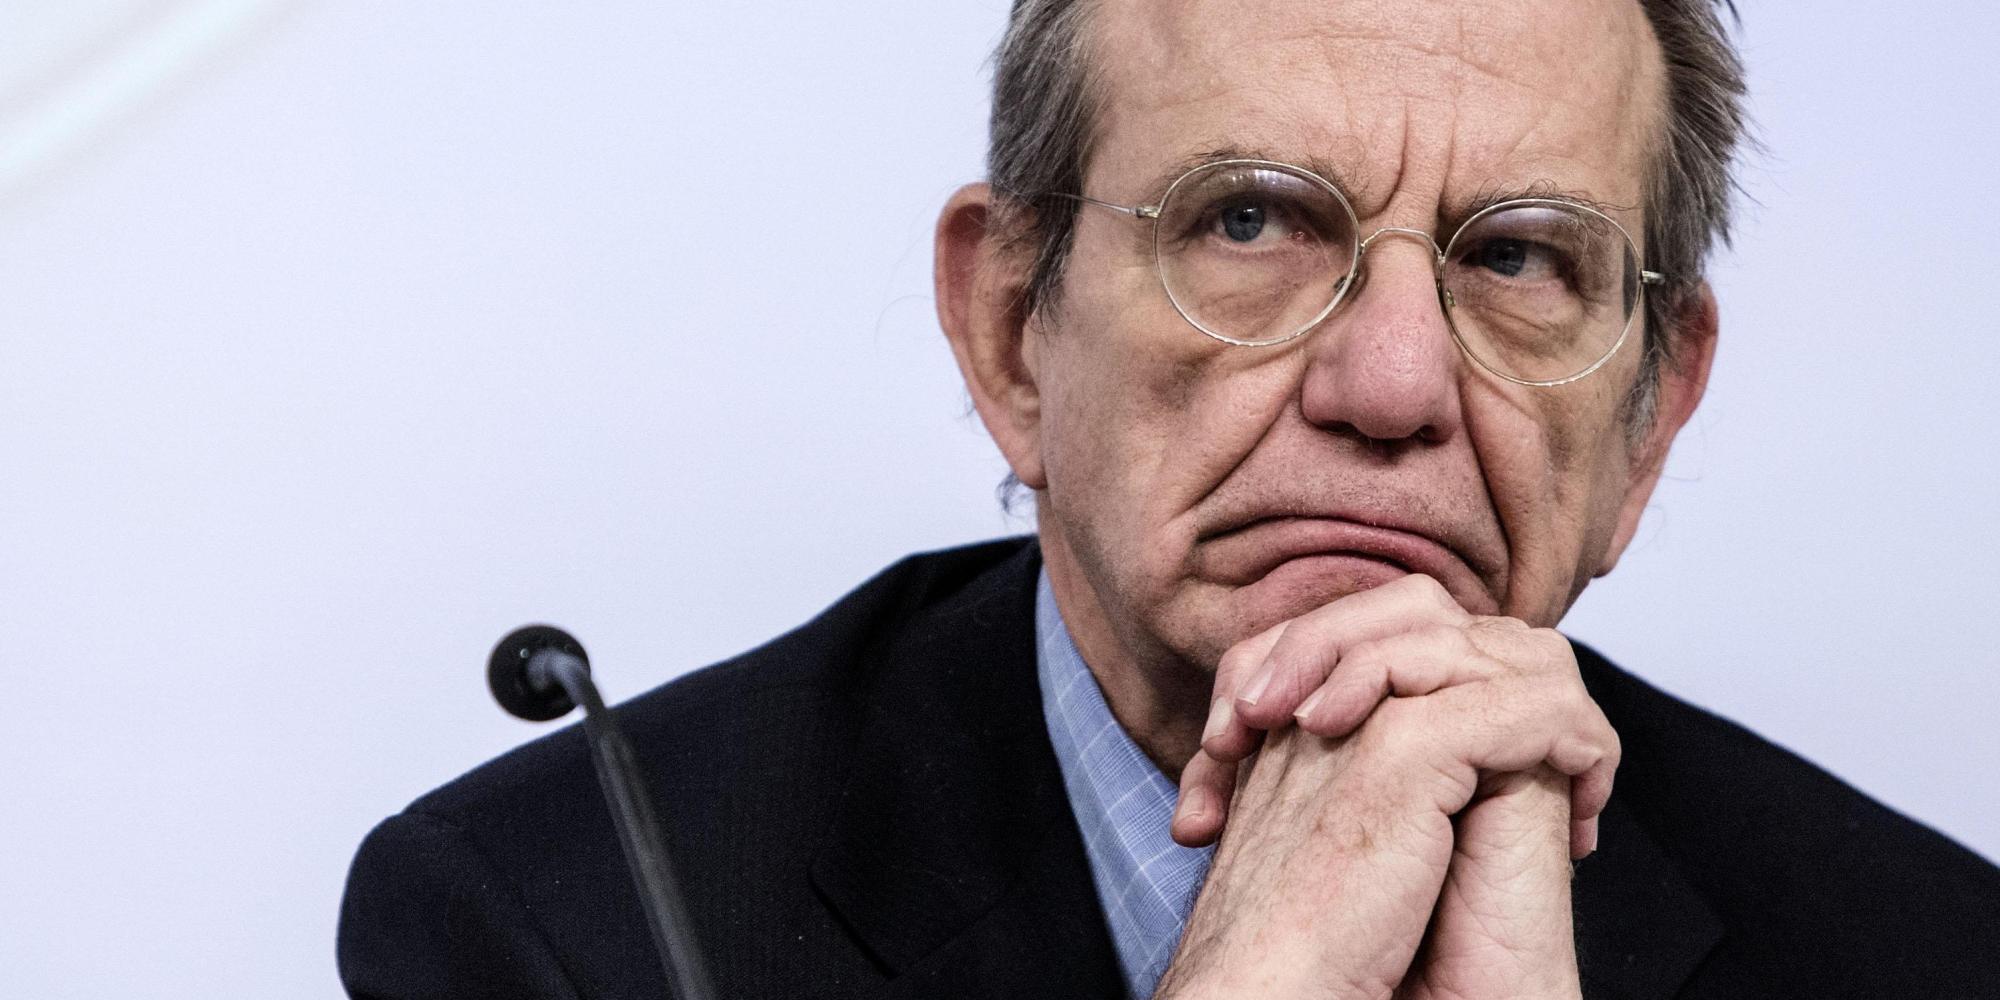 Il ministro dell'Economia Pier Carlo Padoan: fisco con entrate in aumento